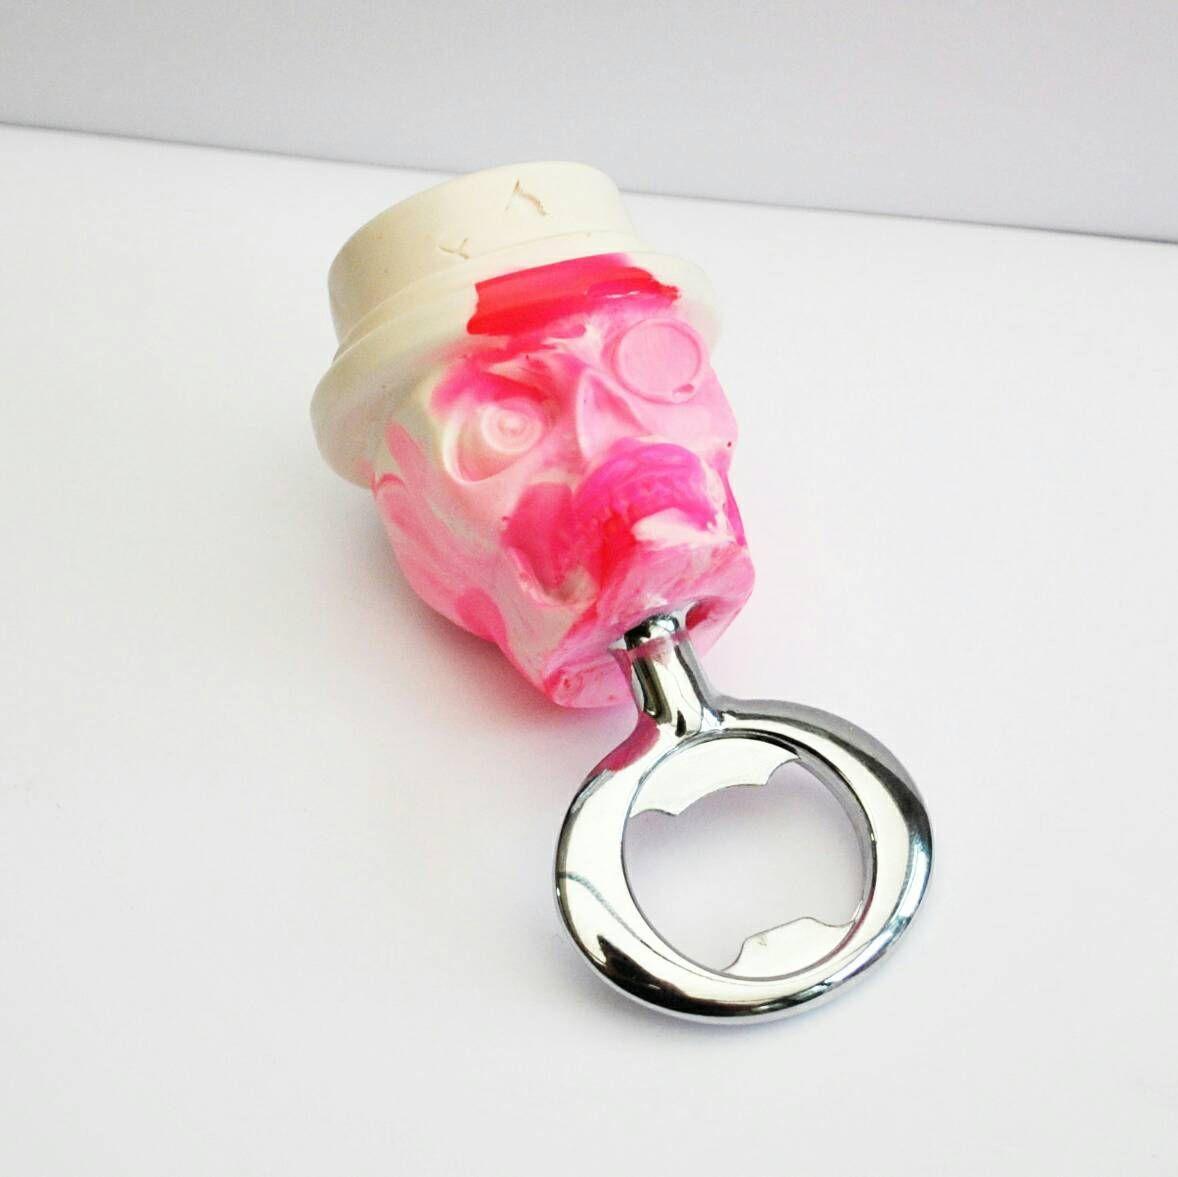 Skull Bottle opener - Funky Vibrant Pink Skull Beer Bottle Opener ...